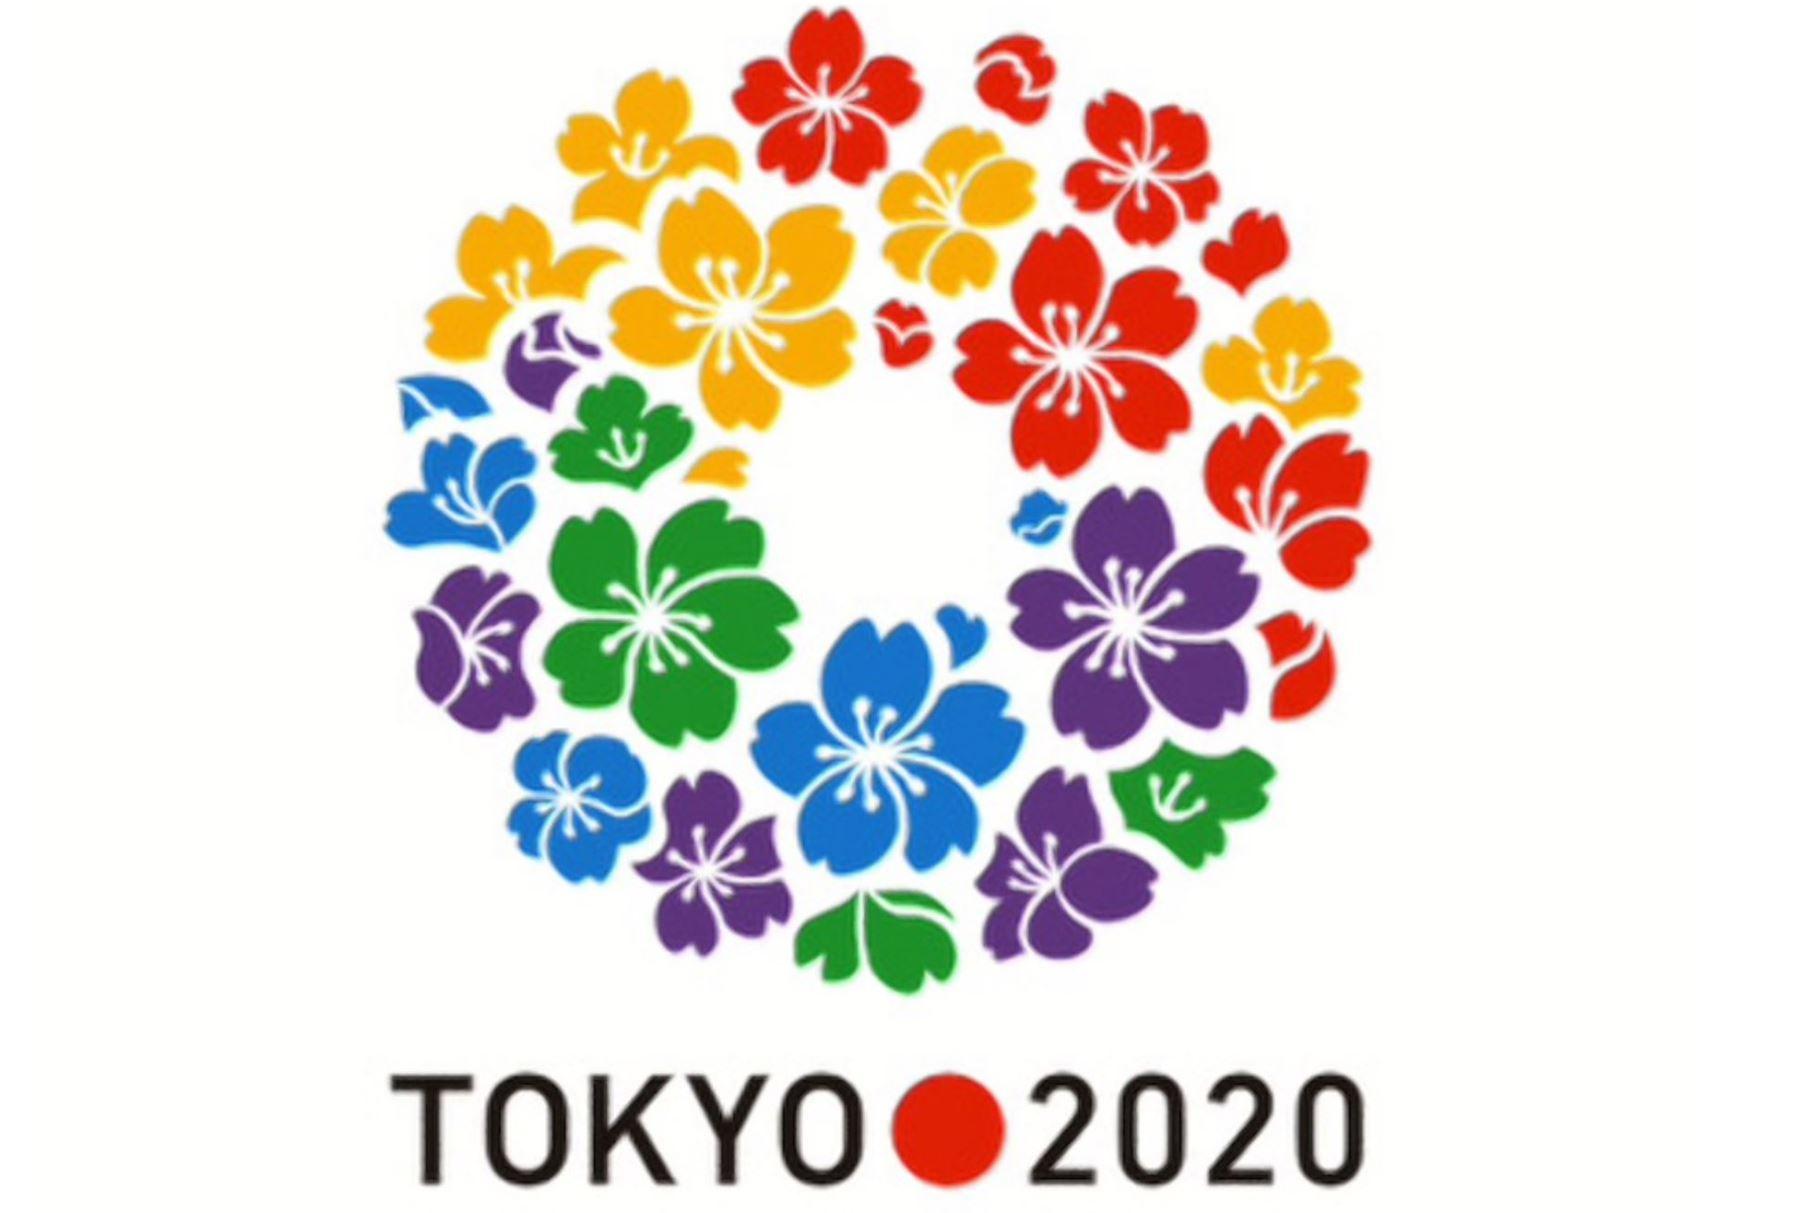 Rusia estará ausente de los Juegos Olímpicos Tokio 2020, por sanción. INTERNET/Medios